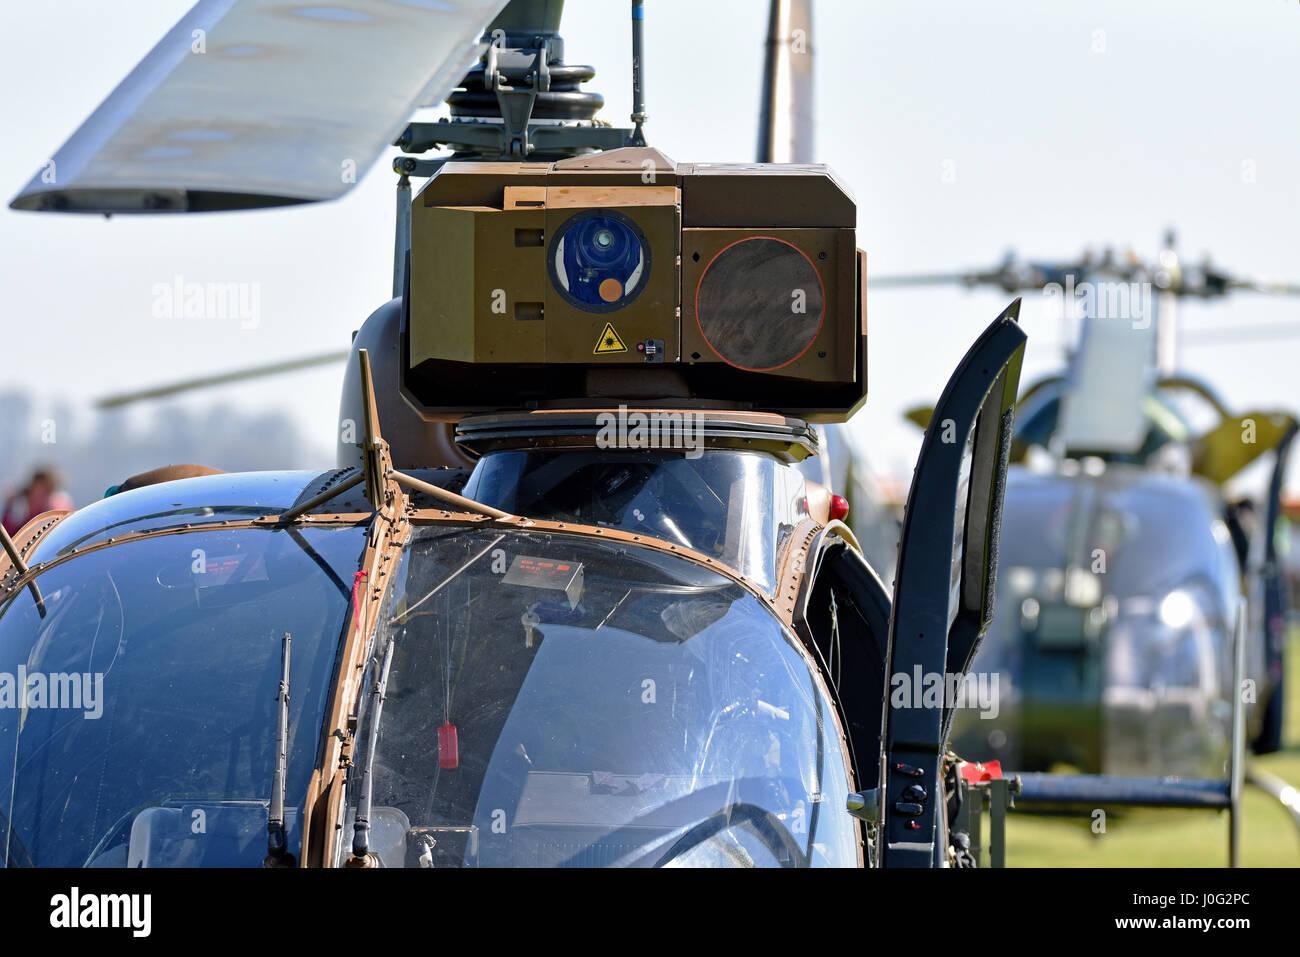 L esercito francese Aérospatiale Gazelle SA341 elicottero visto qui a la gazzella cinquantesimo anniversario Immagini Stock